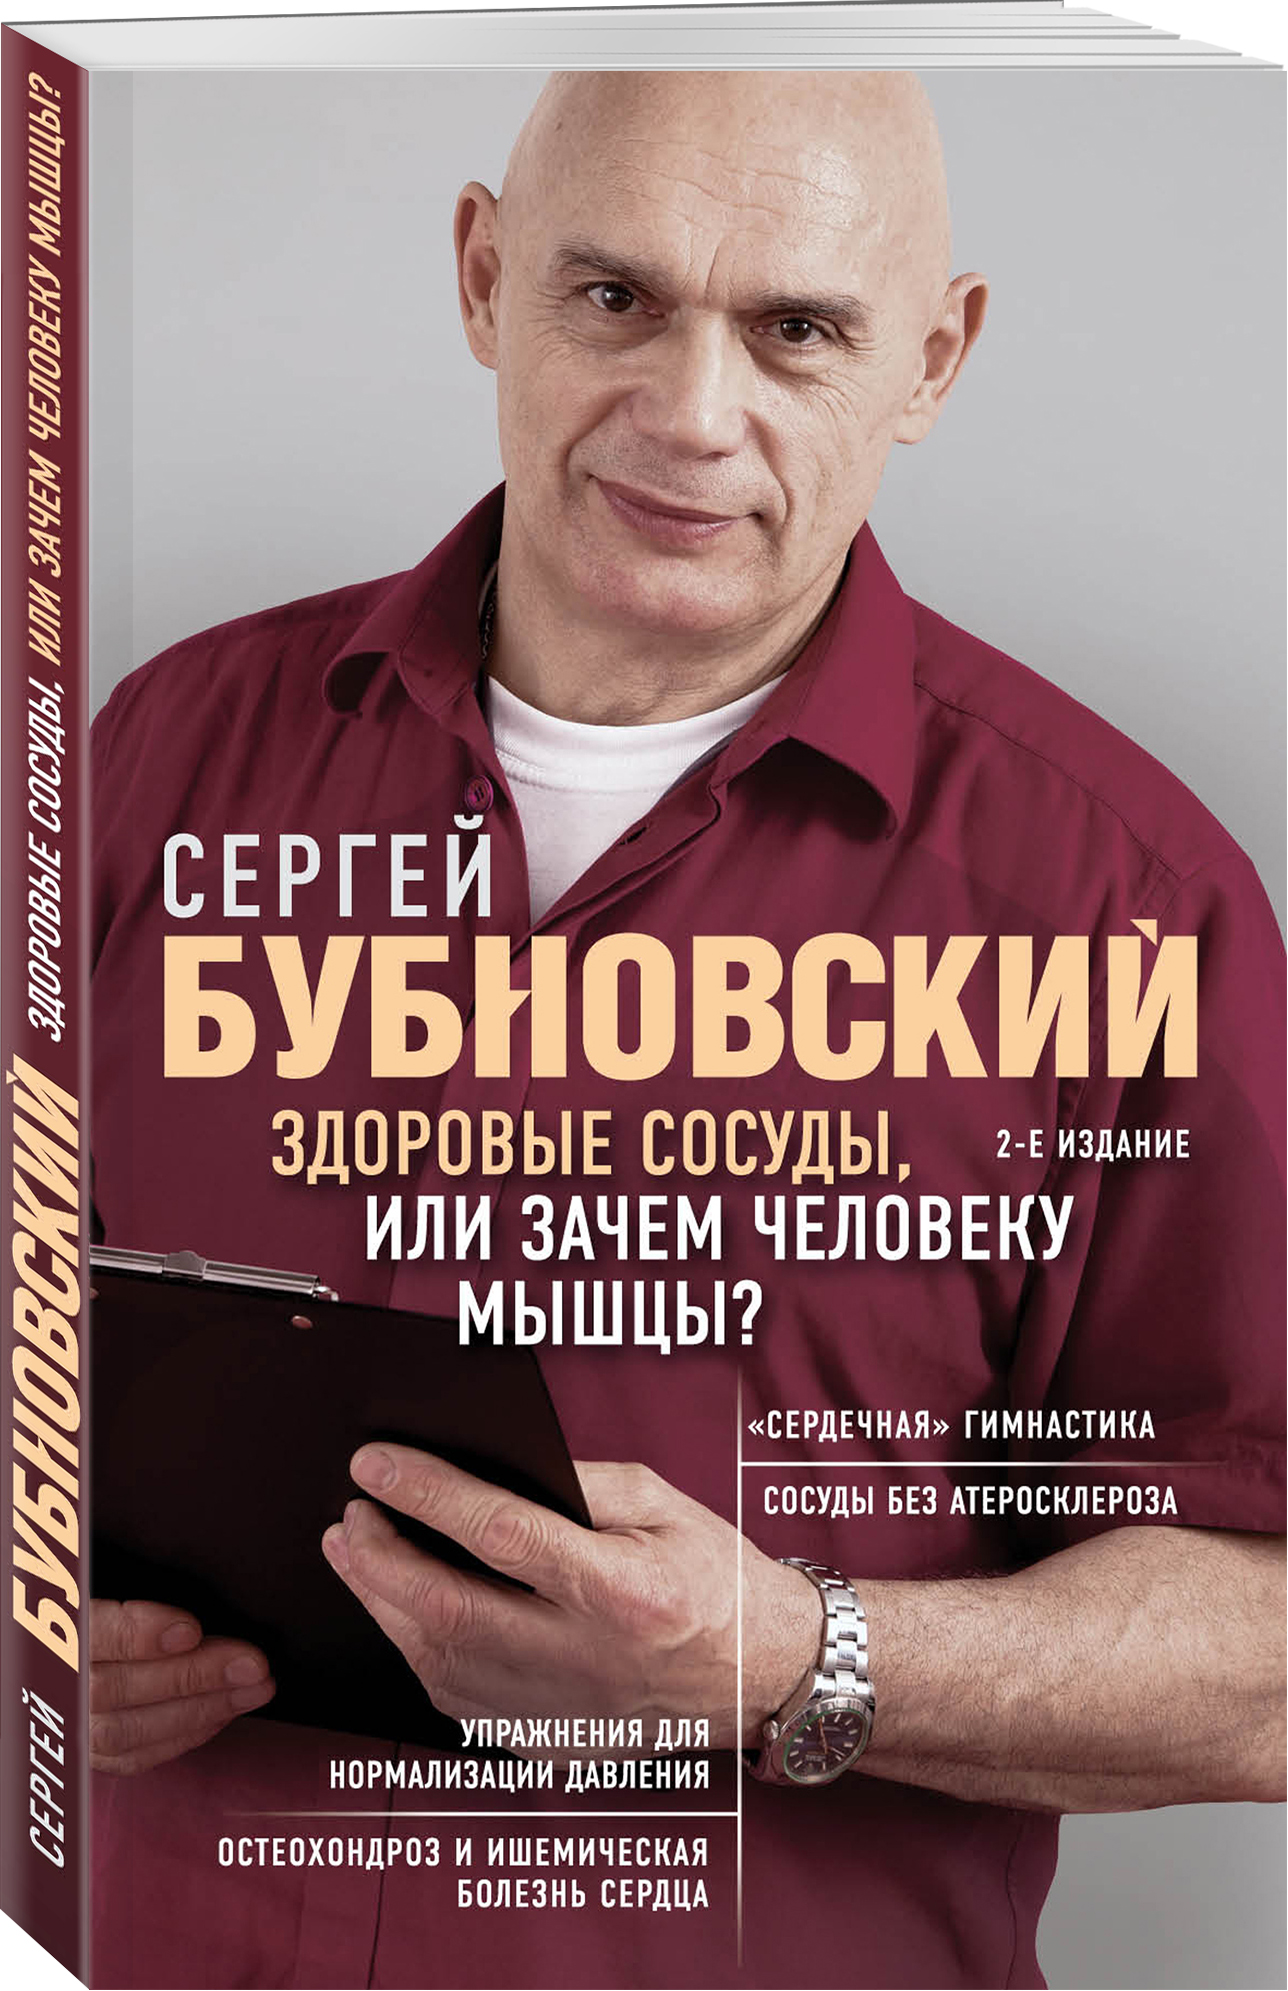 Сергей Бубновский Здоровые сосуды, или Зачем человеку мышцы? 2-е издание